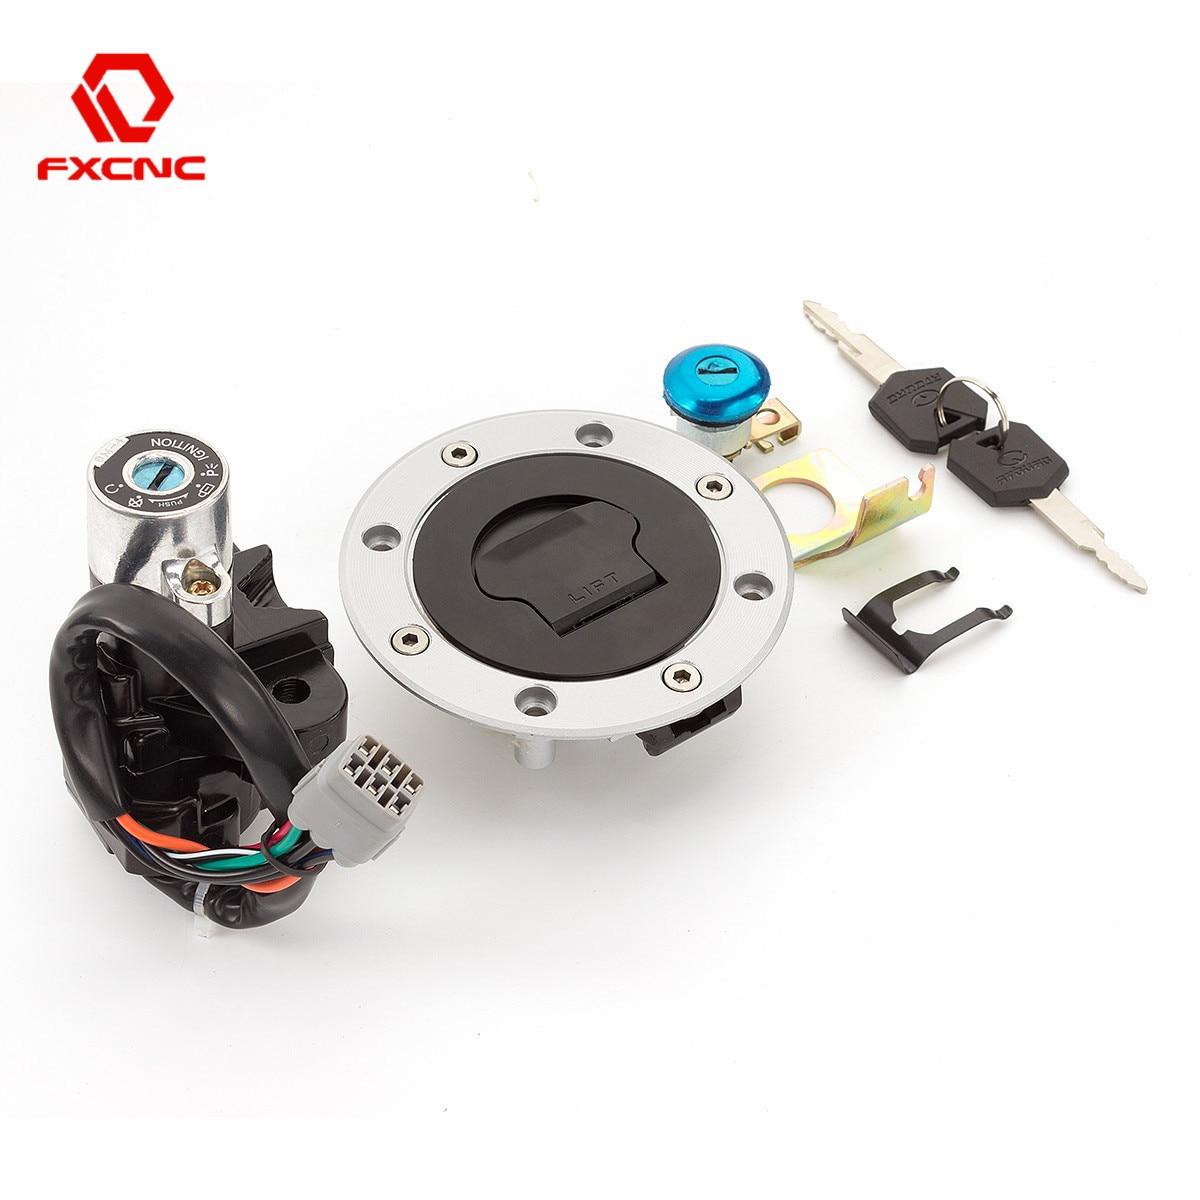 Комплект ключей зажигания для Bandit GSF 400 600 1200 TL1000R/S GSX600F GSX750F GSX1400 SV650/S V-открытый DL650